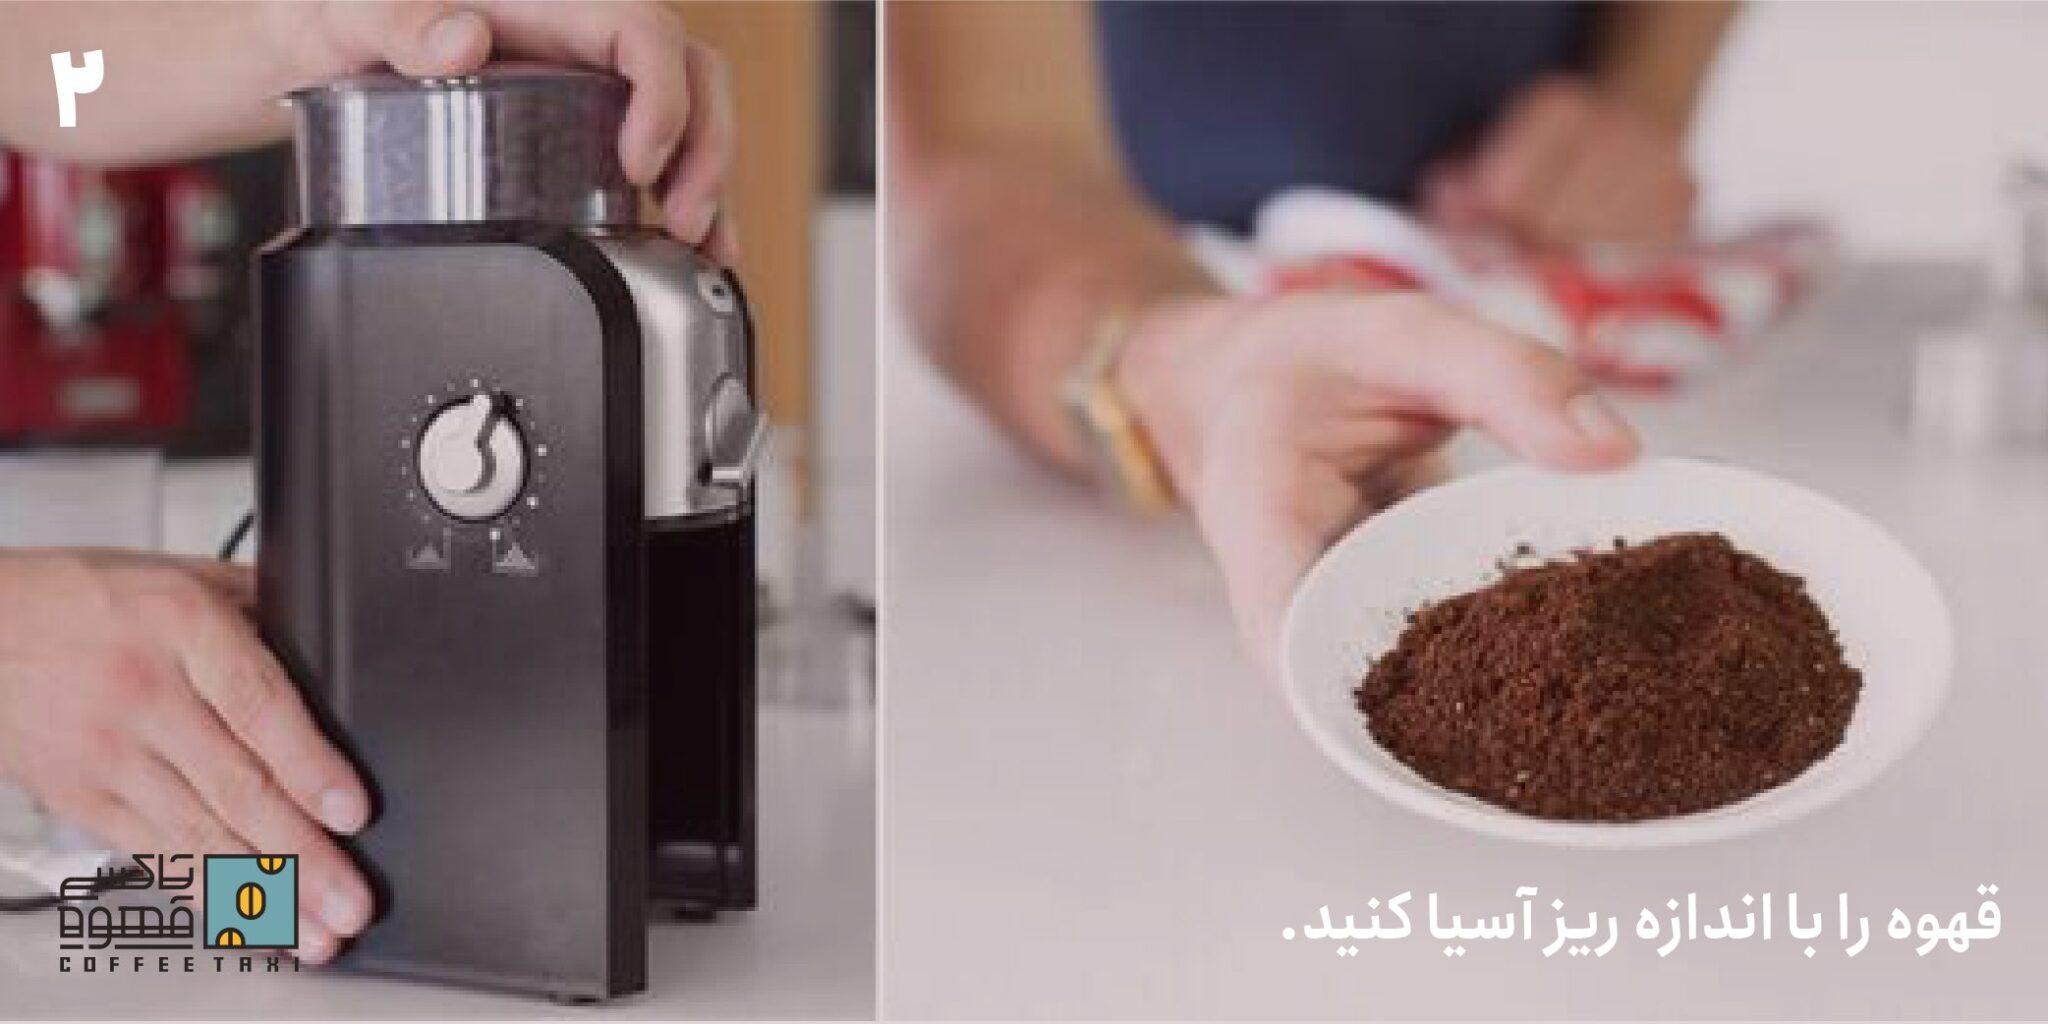 قهوه خود را با درجه ریز آسیا کنید